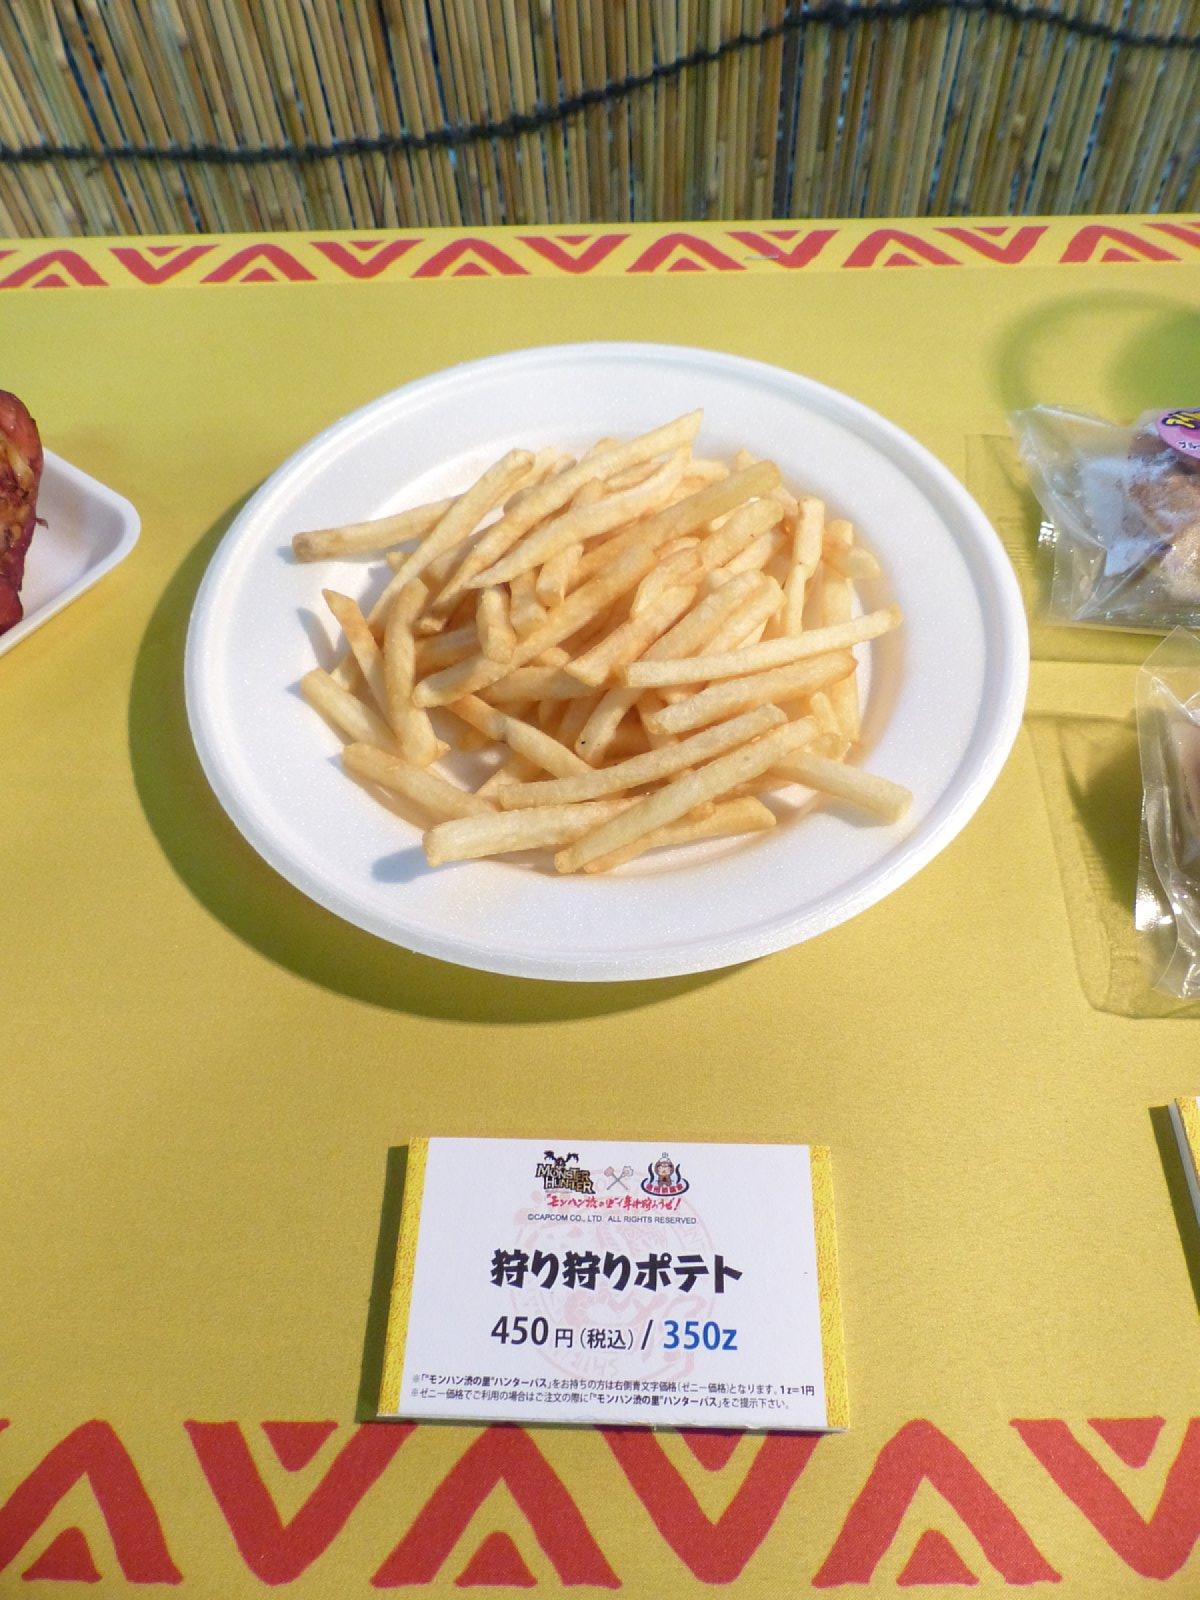 【速報】モンハンイベントの食事がガチで高い 火竜の尻尾1600円とかいうのがヤバイ